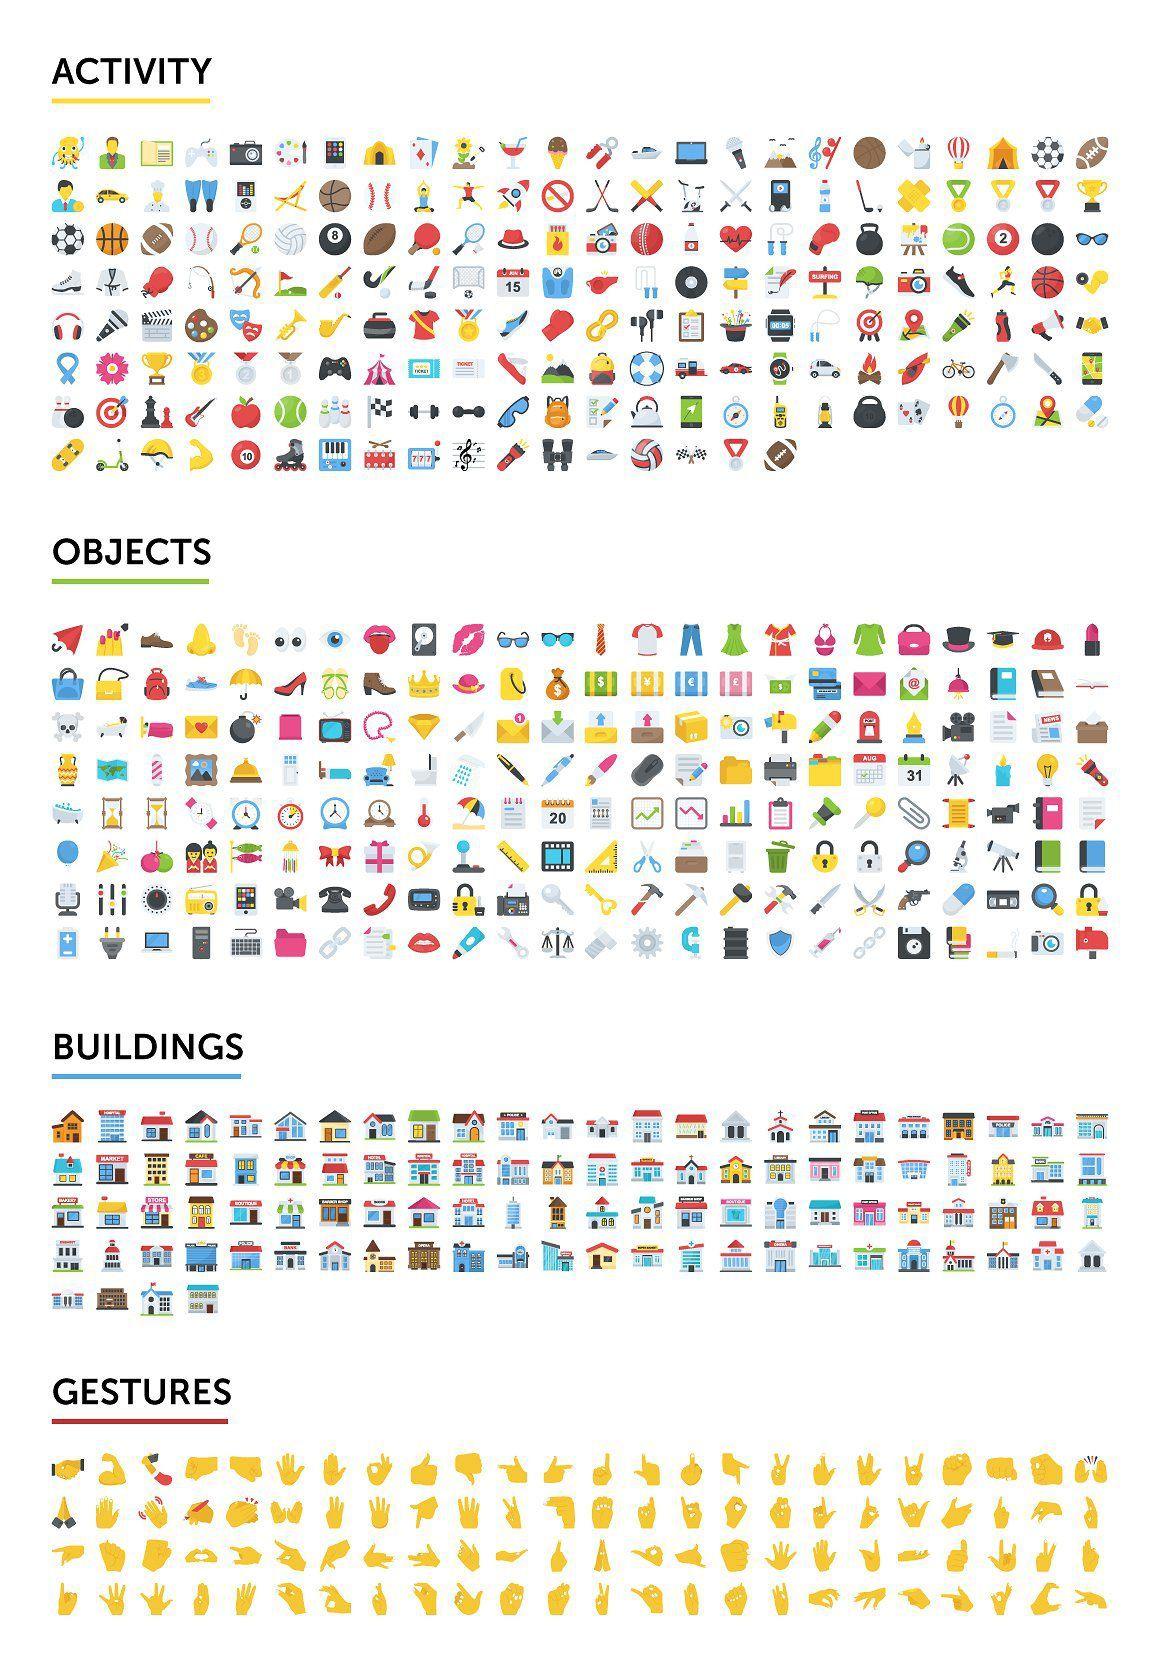 矢量图形-2500个表情符号emoji图标合集打包下载 格式AI,EPS,SVG,PNG,PDF,JPG(5)